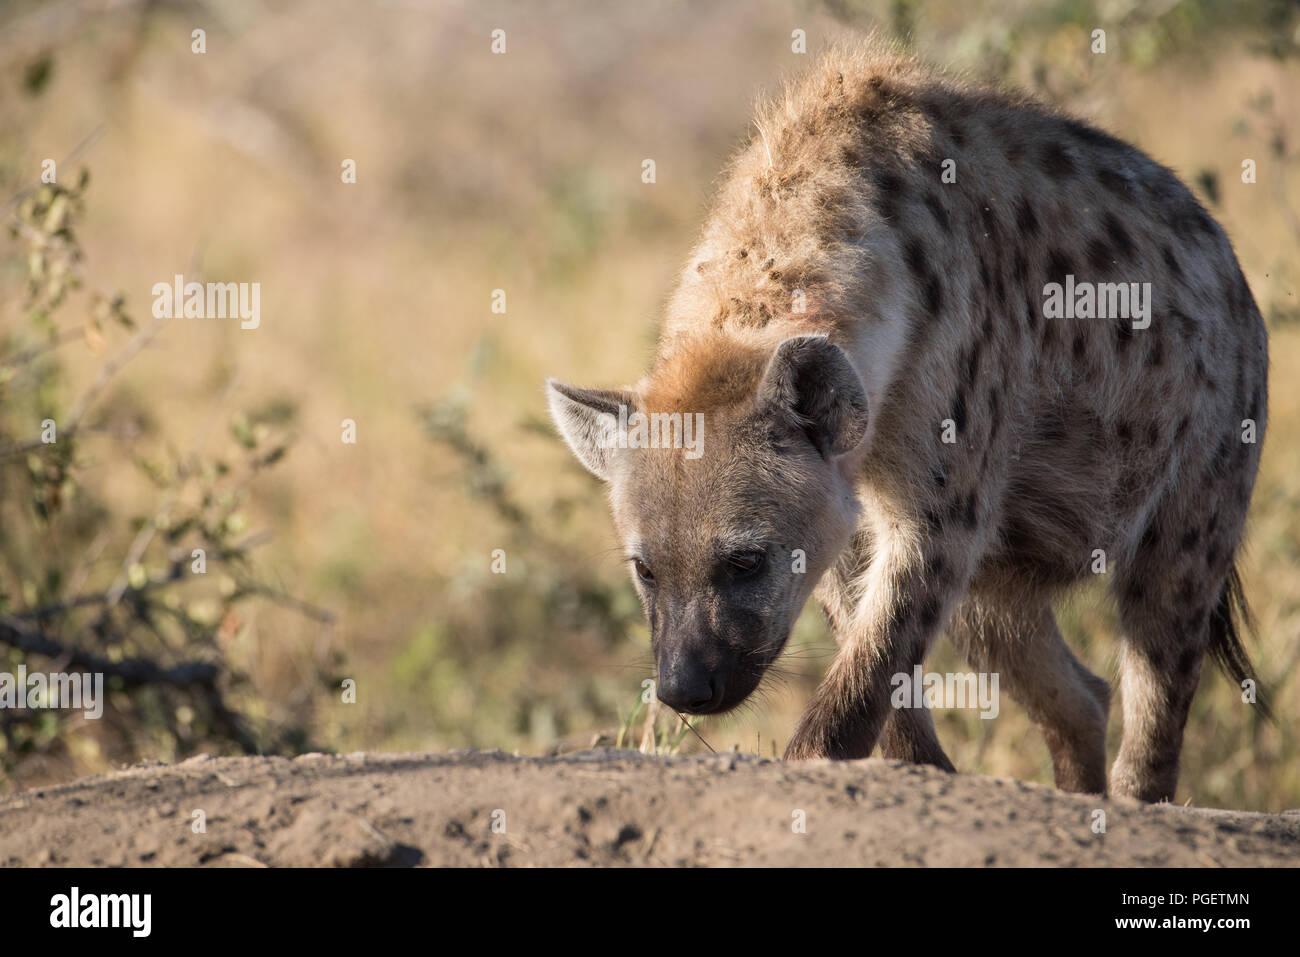 Vorderansicht des Tüpfelhyäne gehen mit dem Kopf nach unten ist Es Schnüffelt am Boden. Stockbild